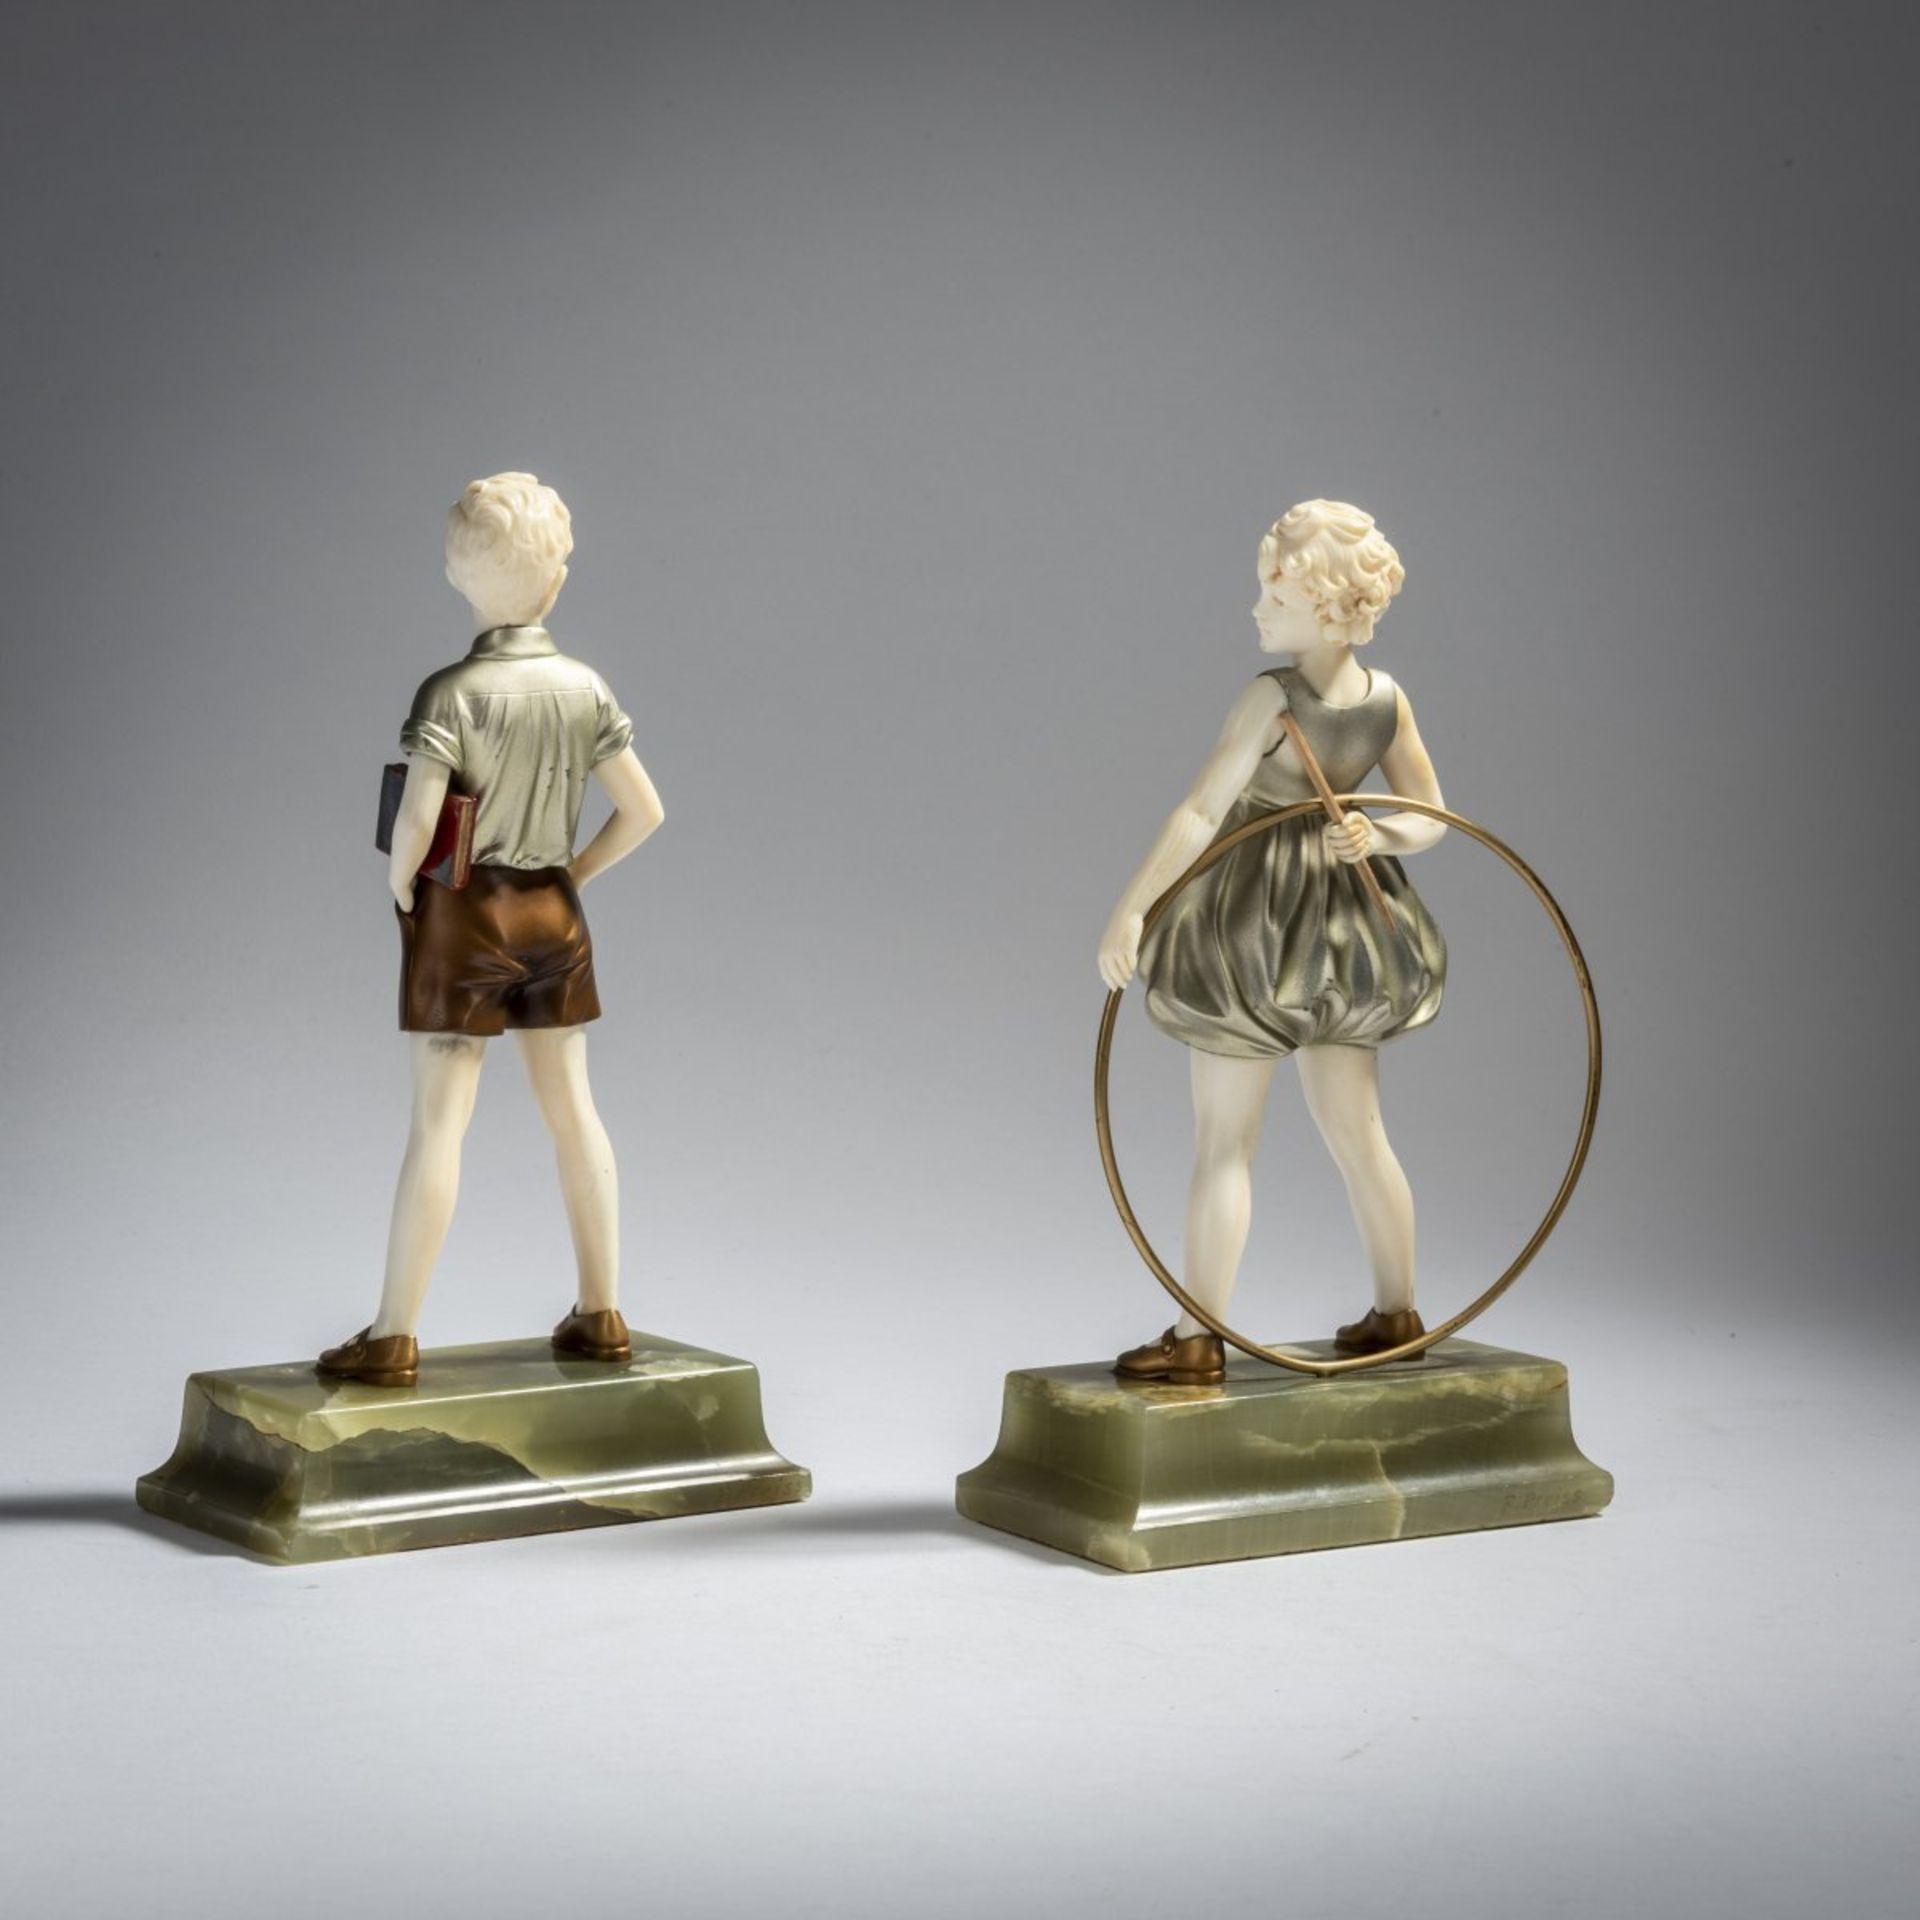 Ferdinand Preiss, 'Hoop Girl' und 'Sonny Boy', um 1930 - Bild 3 aus 5